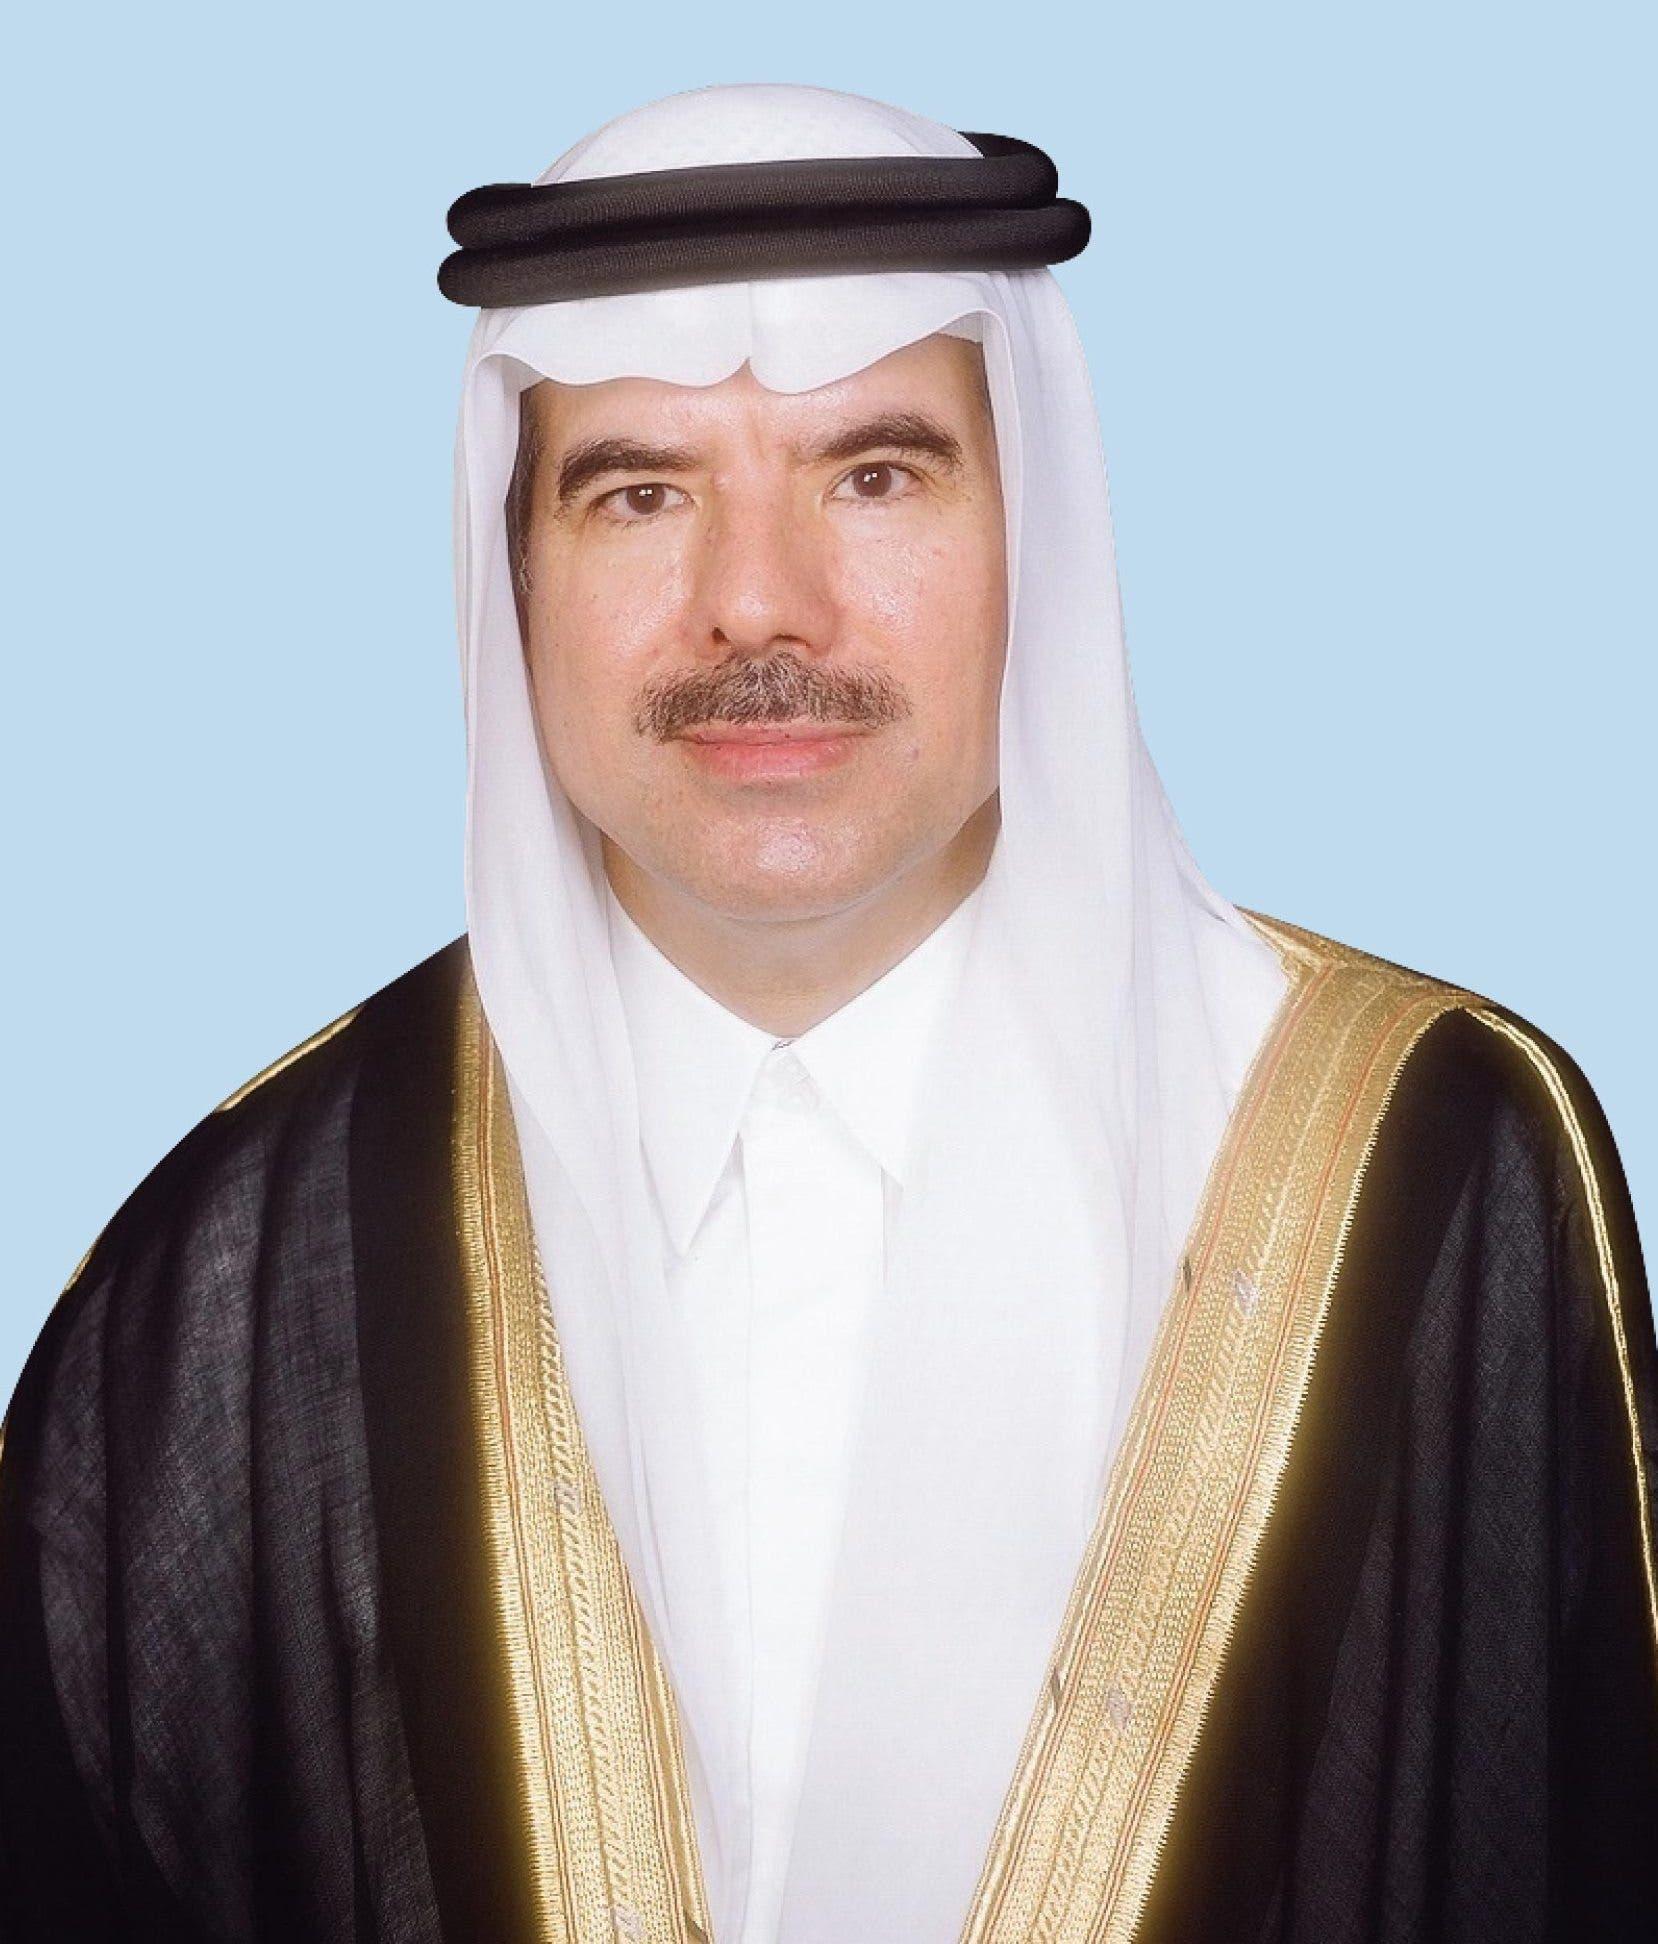 Mr. Khalifa Al-Melhem